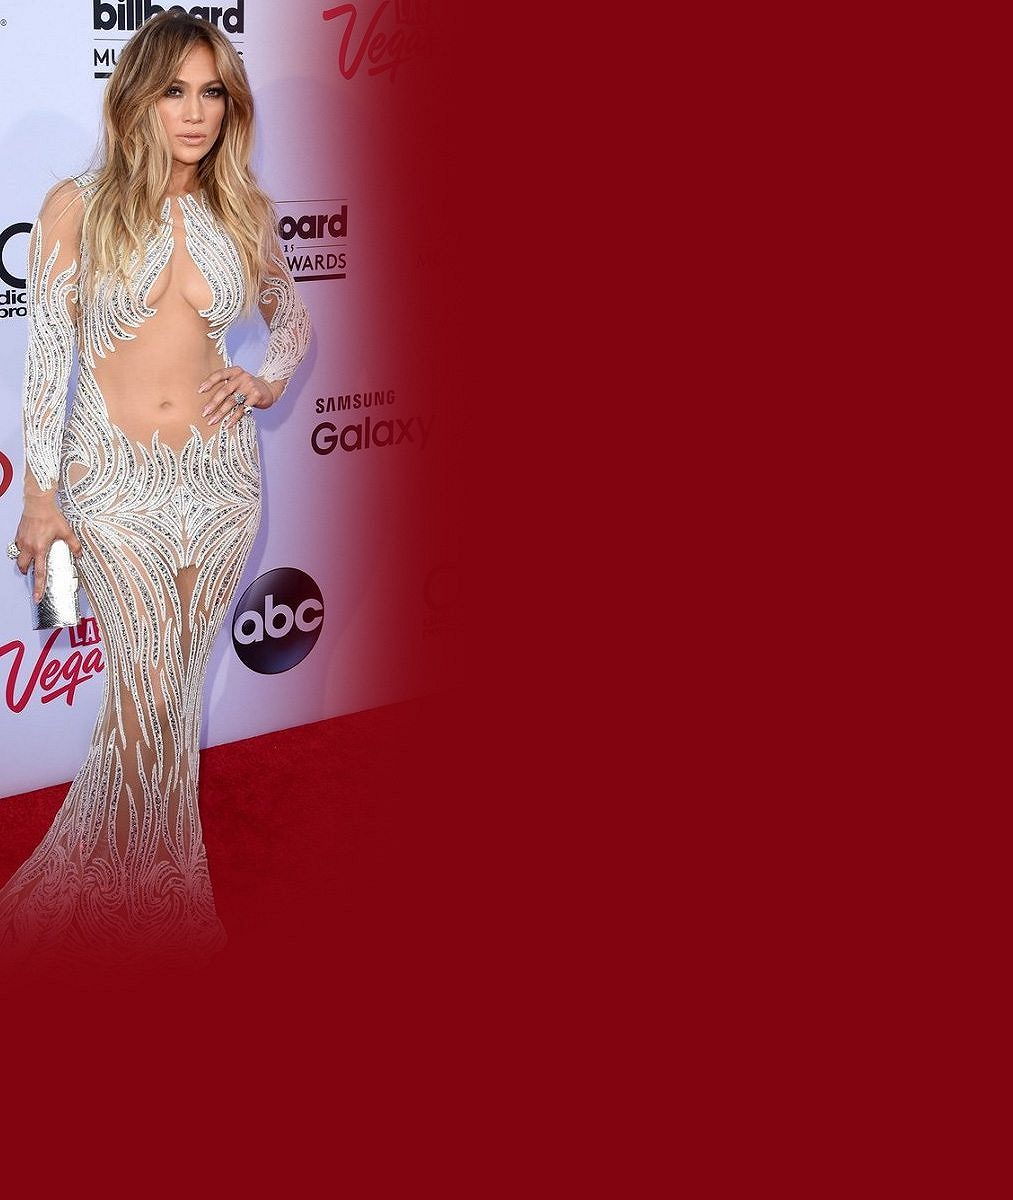 Páni! V tomhle modelu Jennifer Lopez slavila 47. narozeniny. Kolik vrstevnic si to může dovolit?